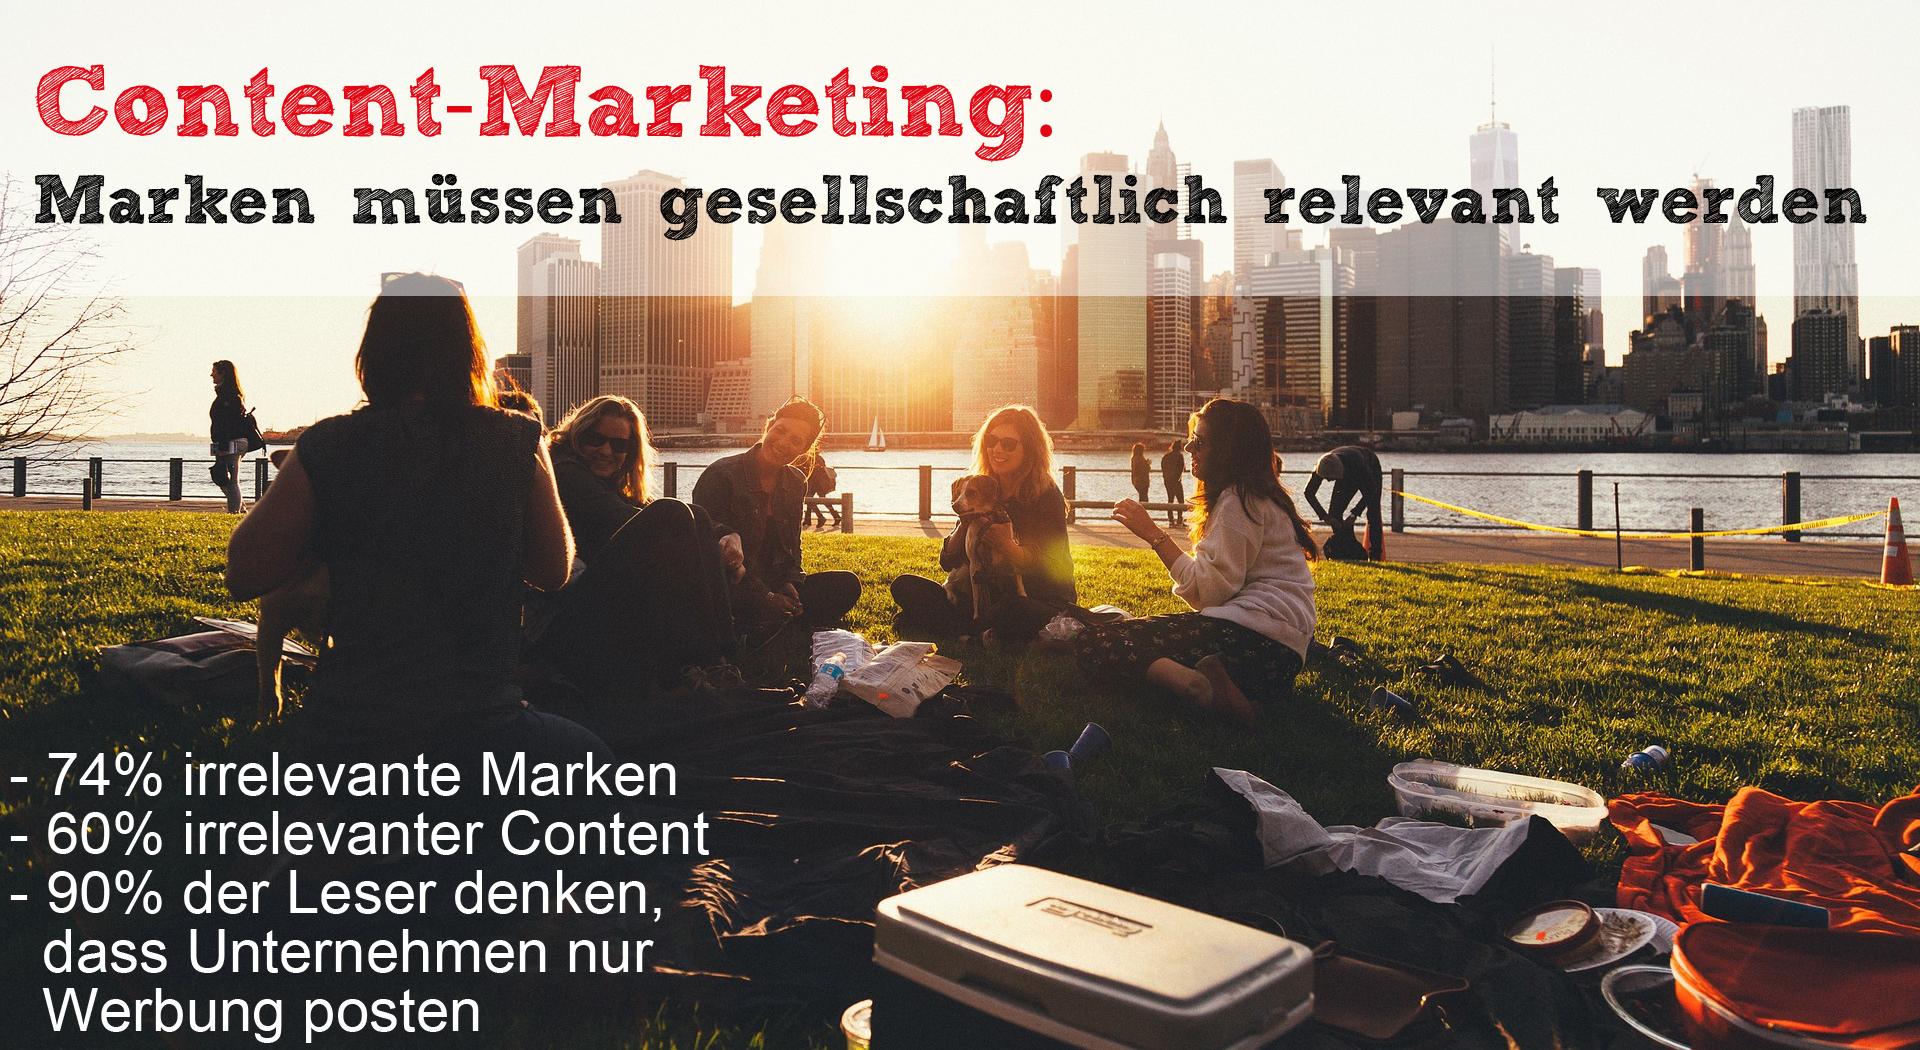 Content-Marketing: Marken müssen gesellschaftlich relevant werden